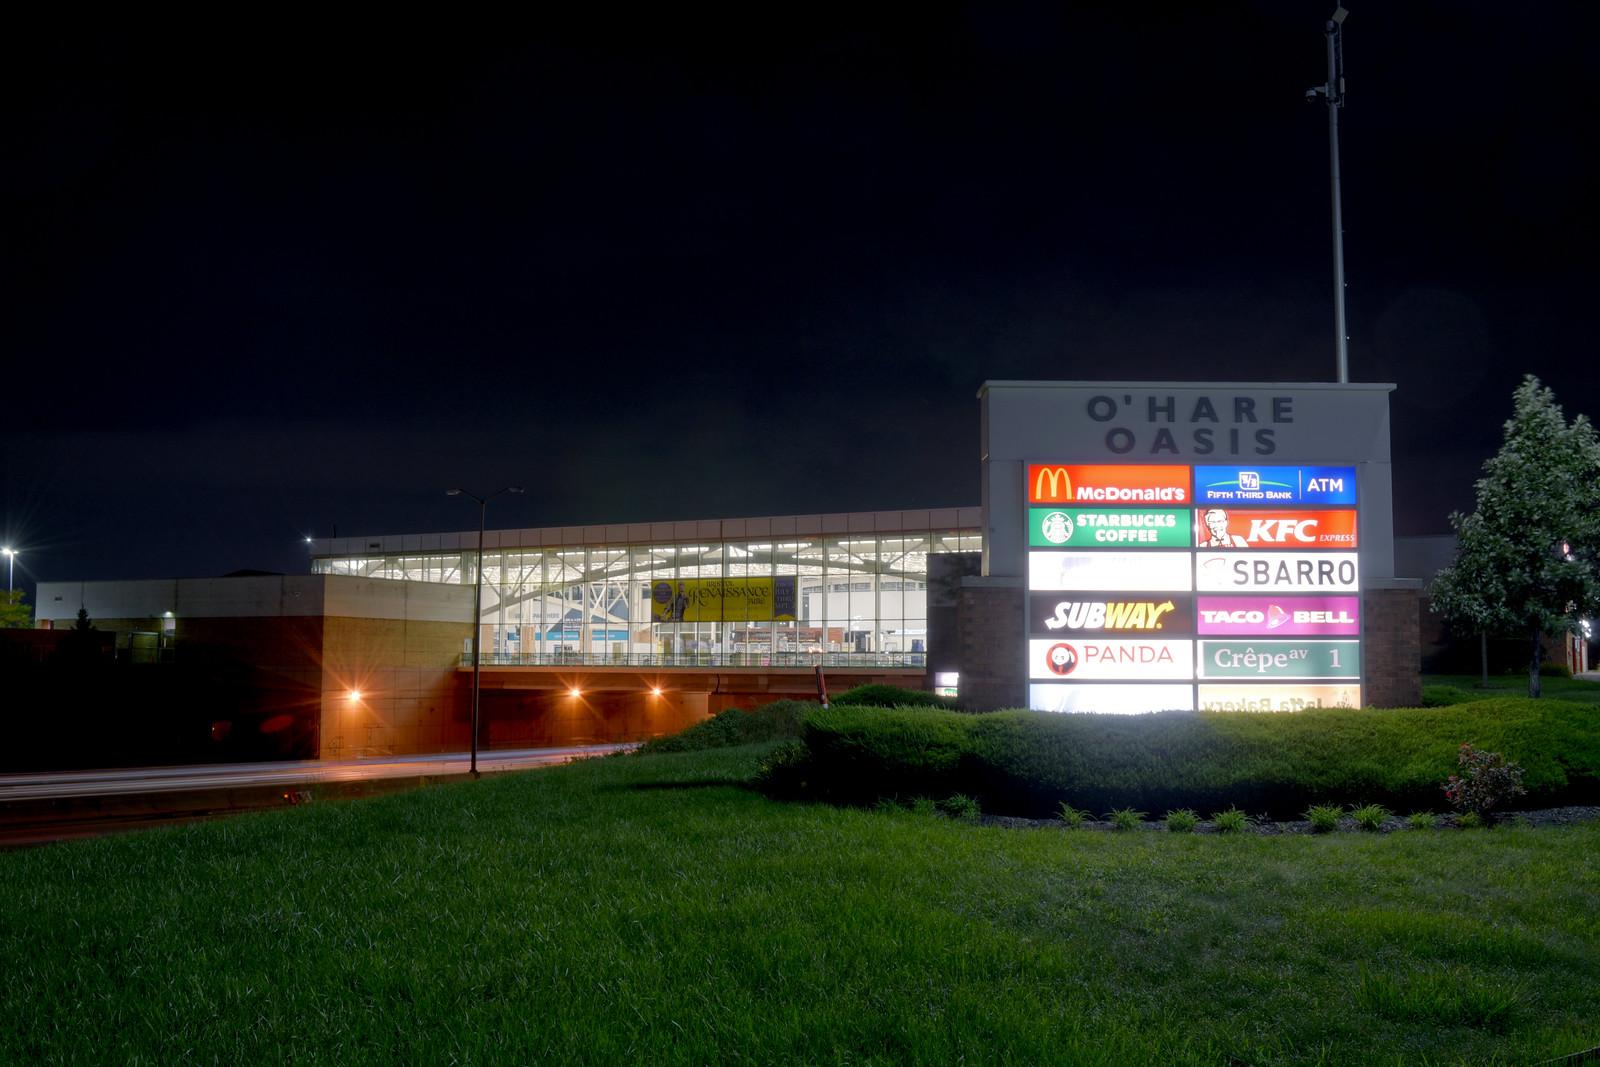 O'Hare Oasis (1959-2018)